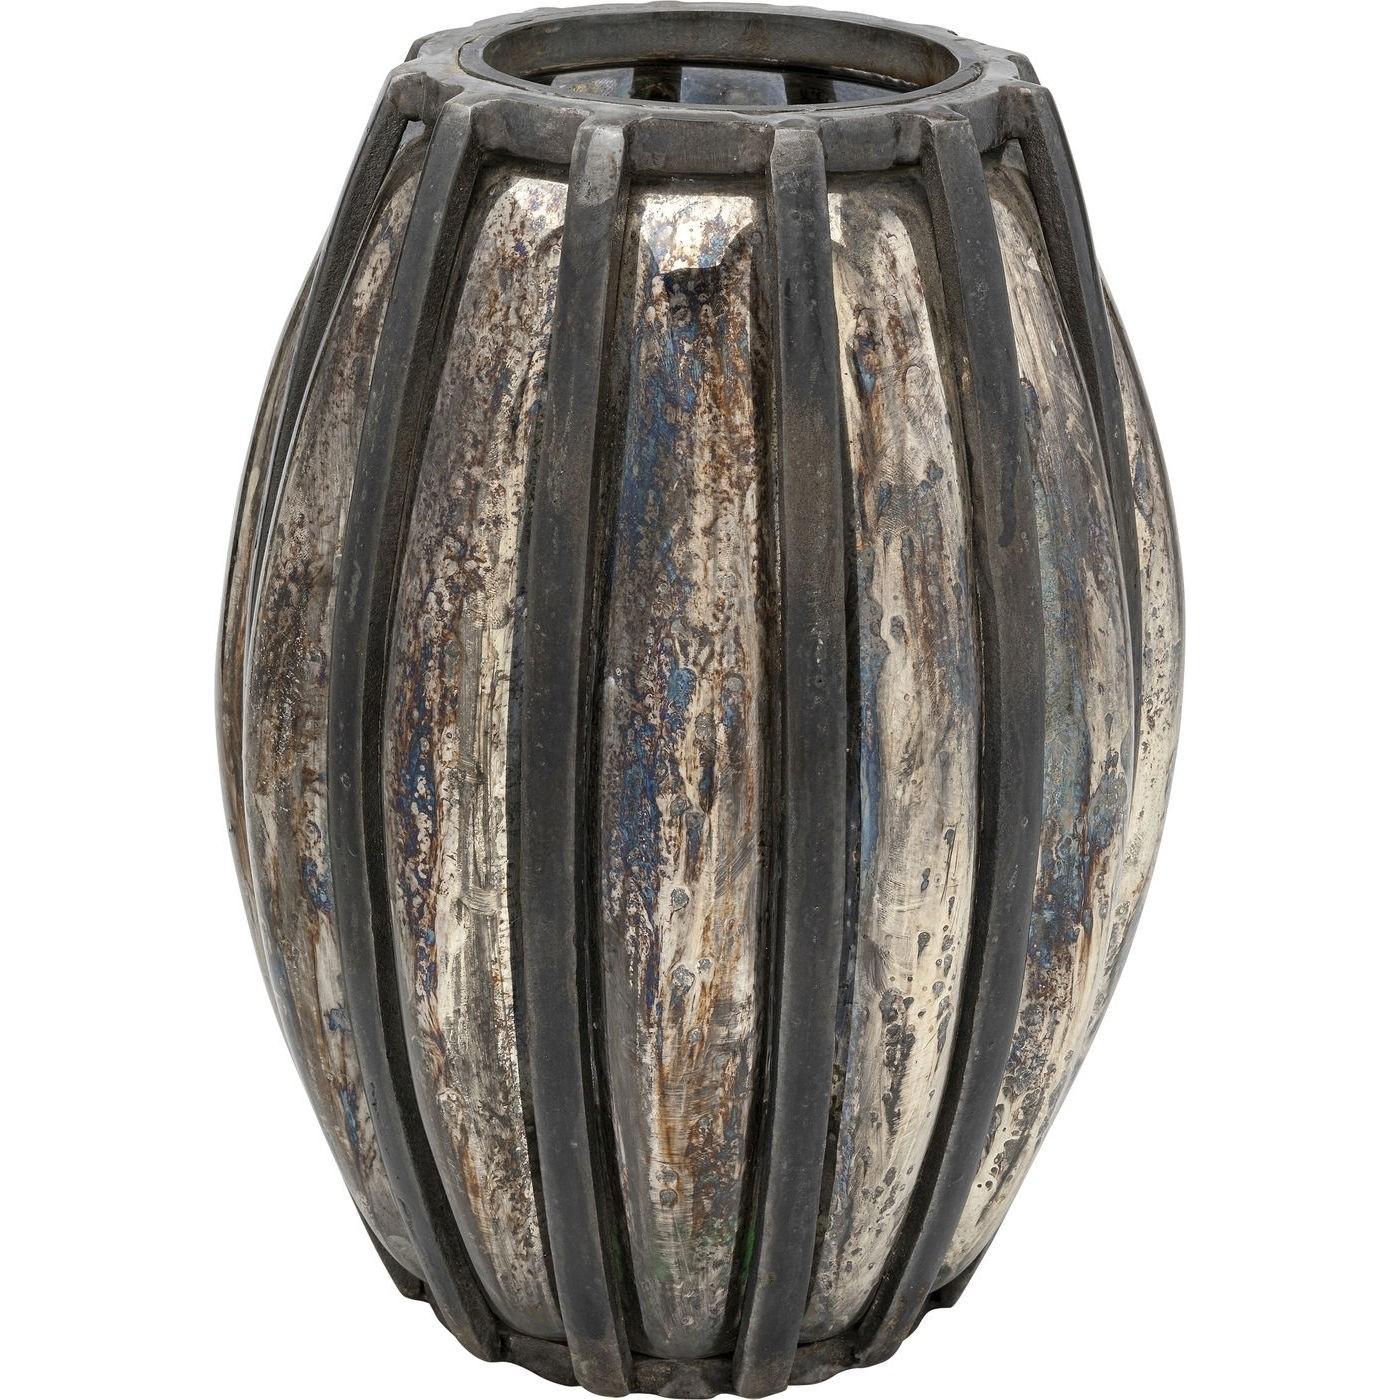 kare design – Kare design oval refled lanterne - glas m. børstet aluminium (h 42) på boboonline.dk